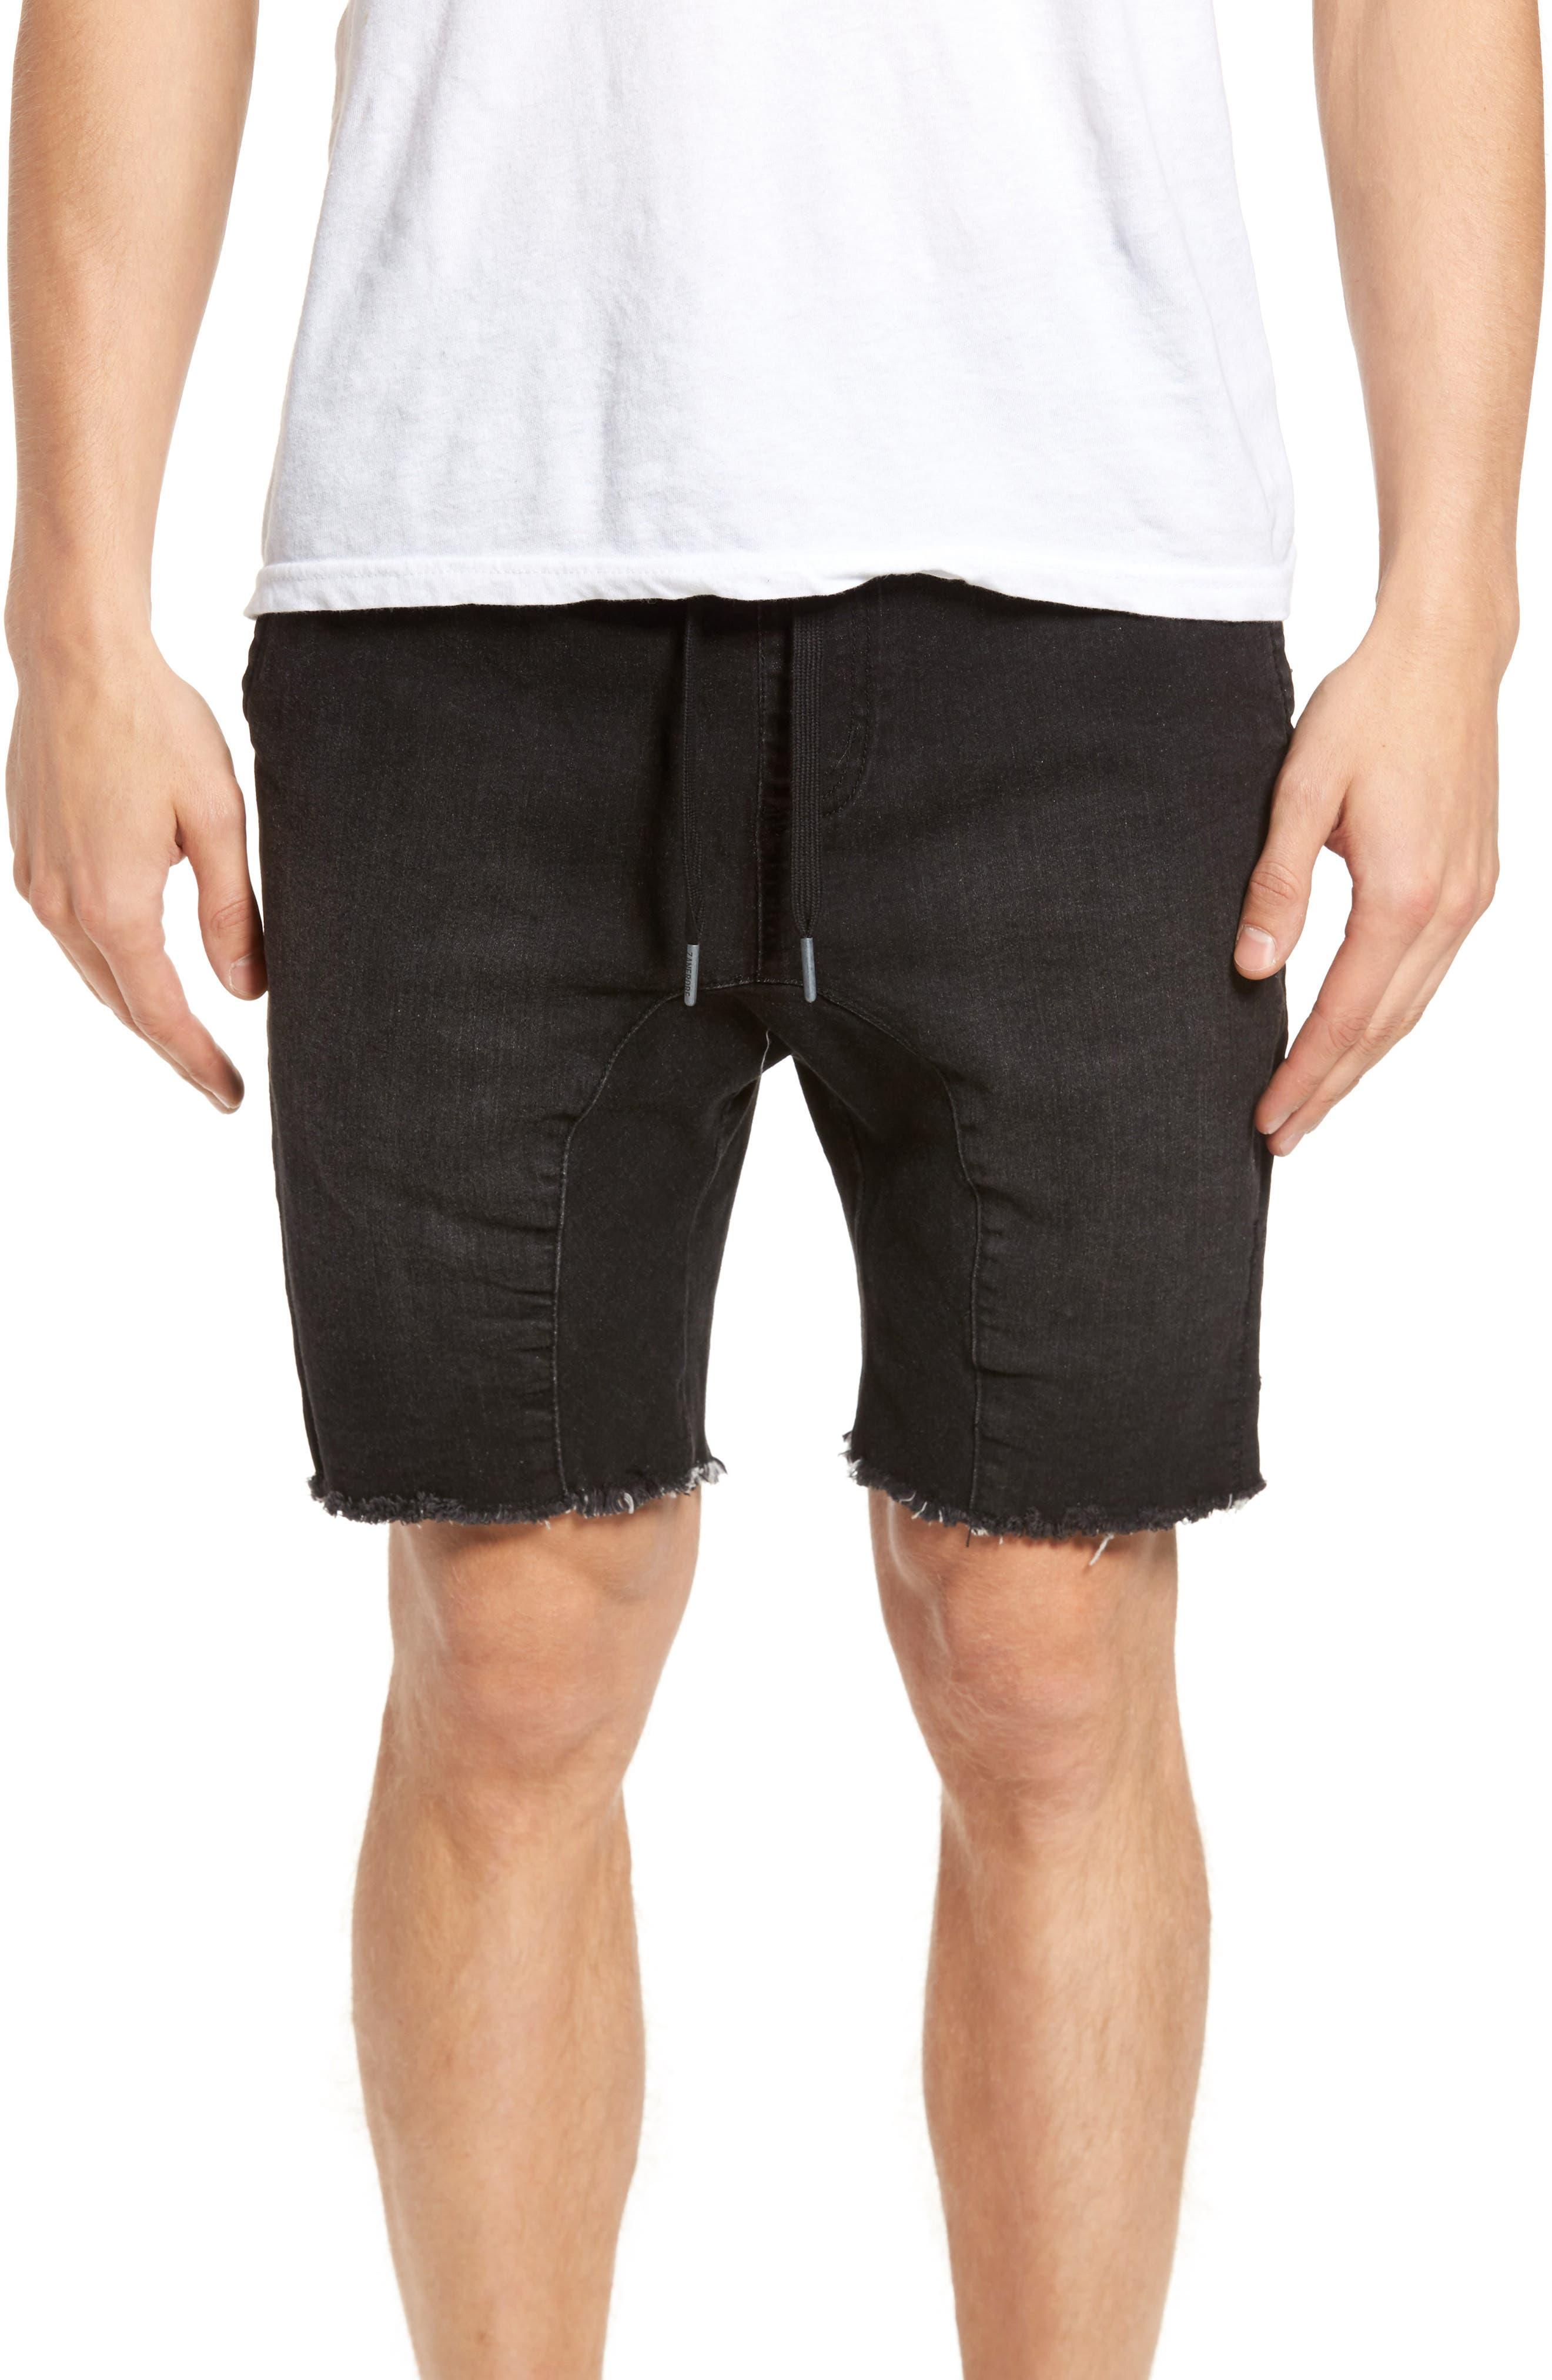 Sureshot Chino Shorts,                         Main,                         color, 001